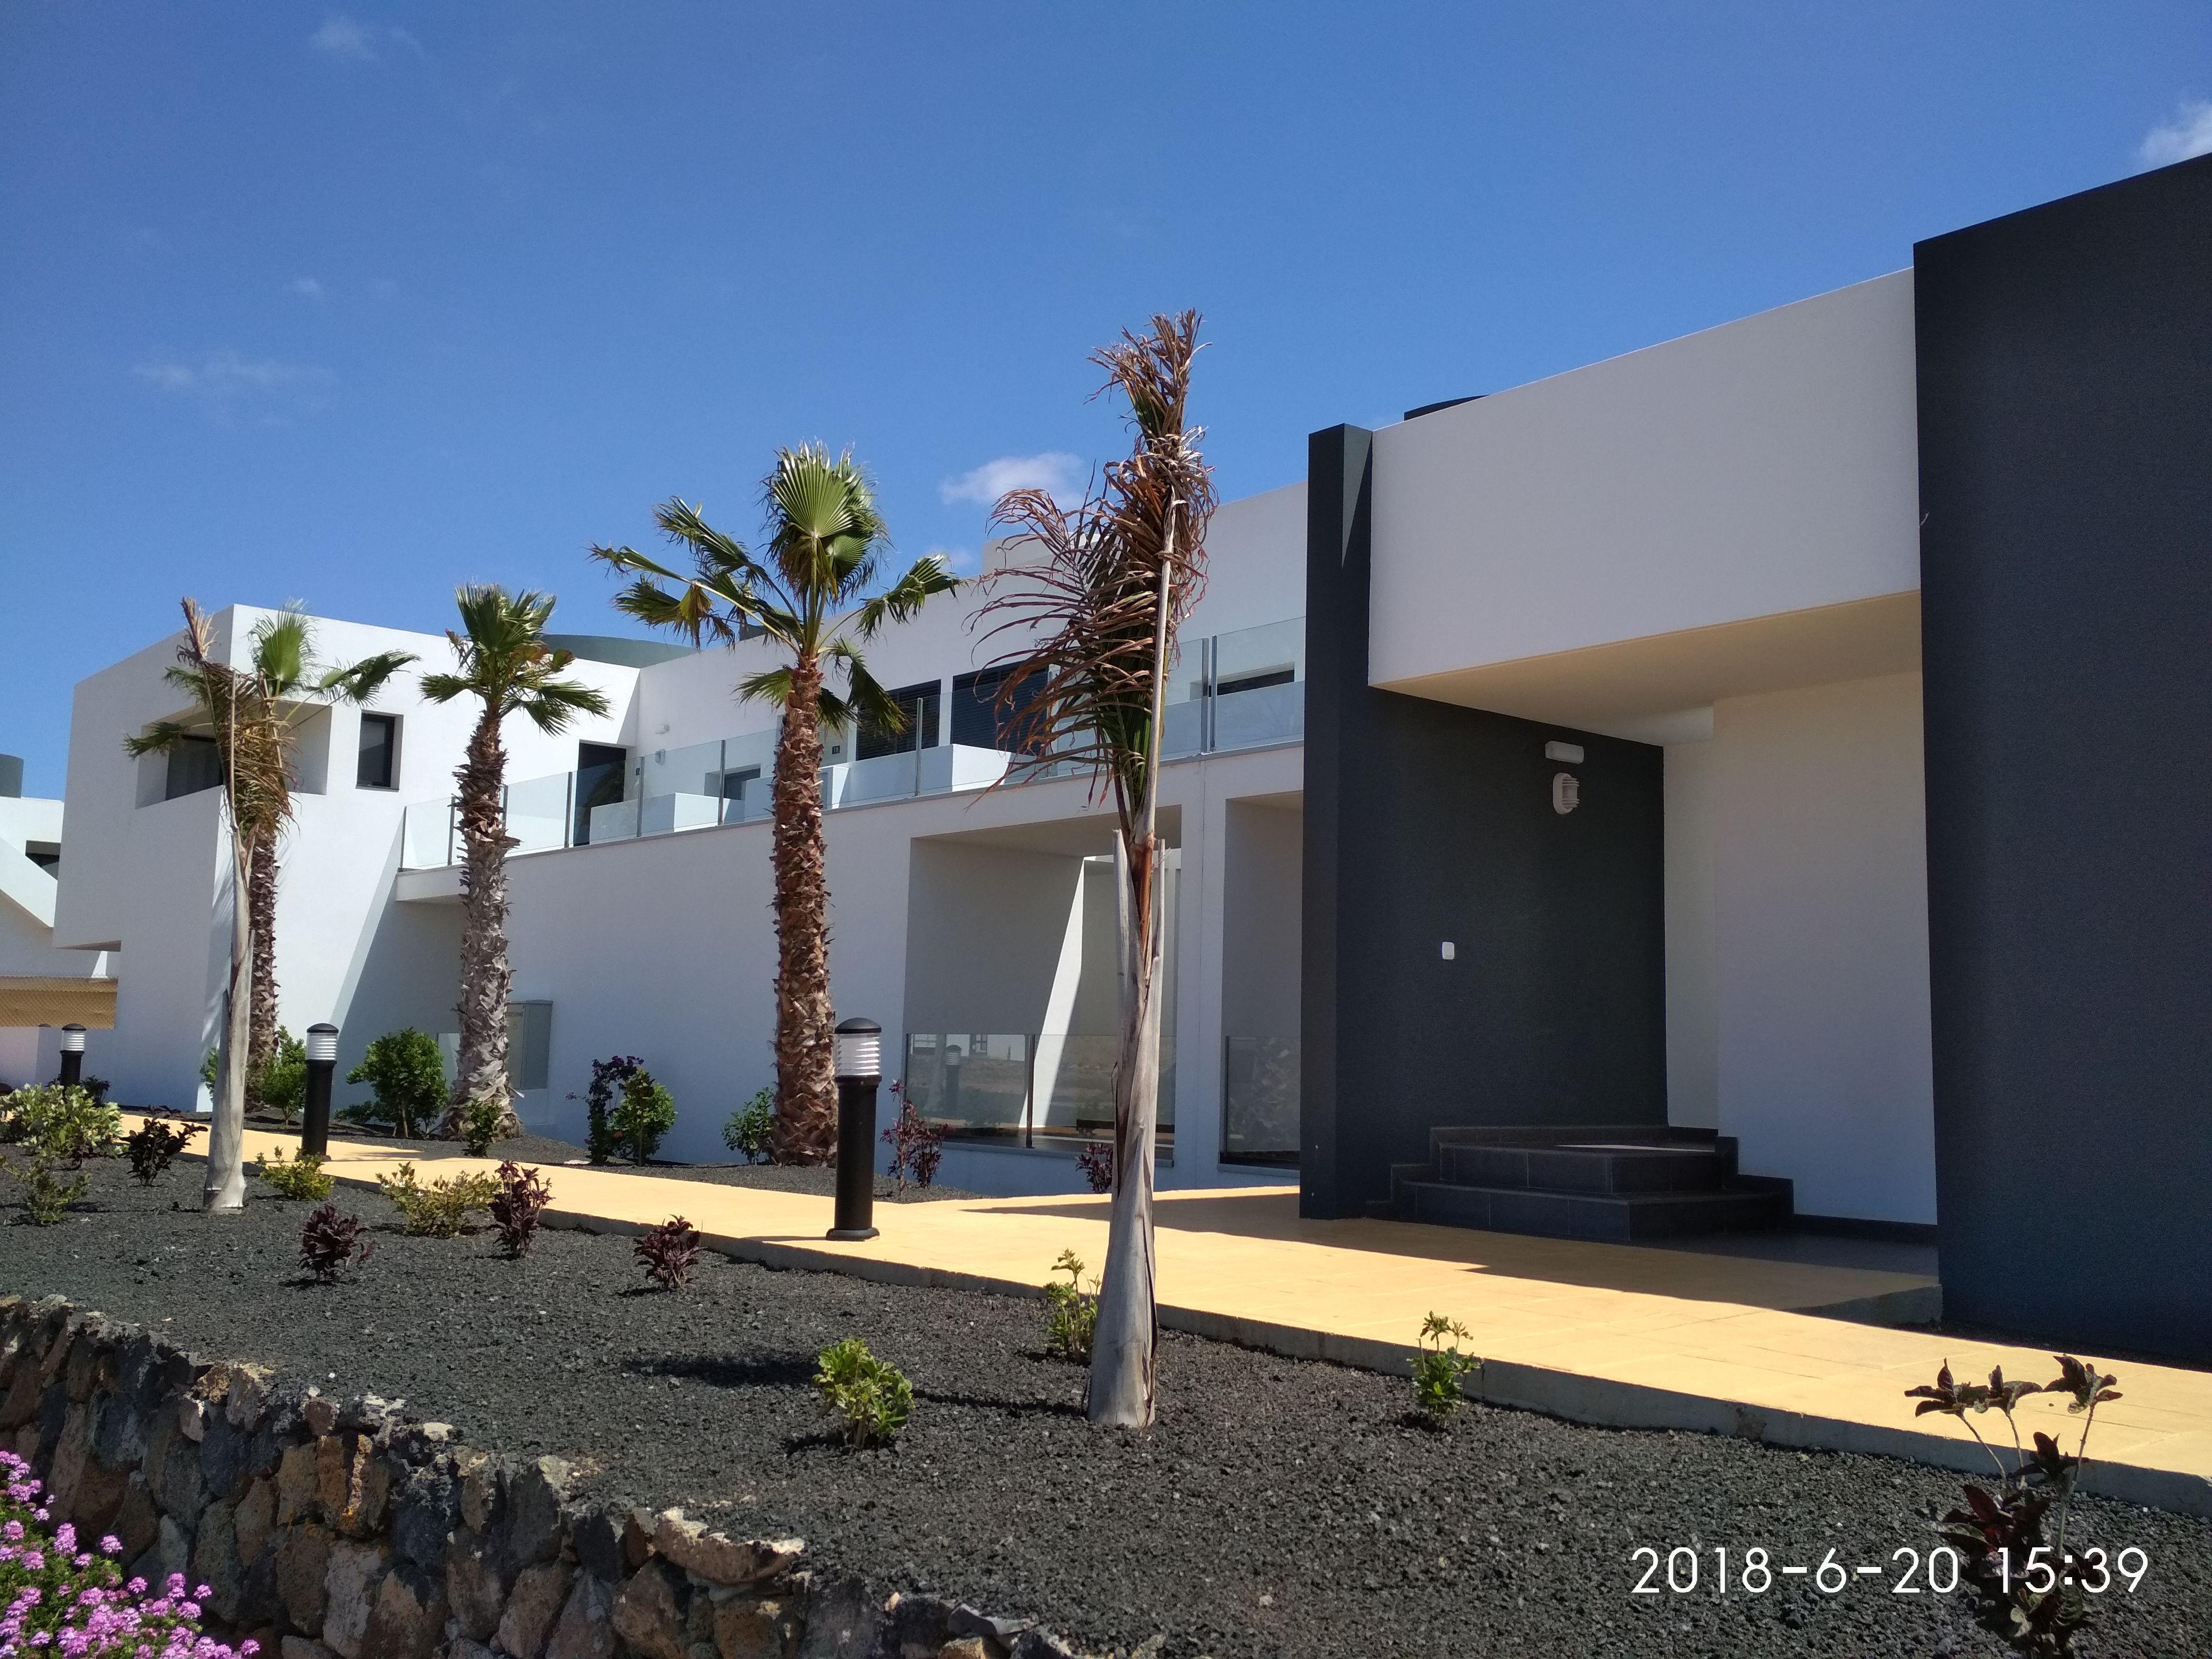 Urbanización Casilla de Costa en La Oliva, Fuerteventura